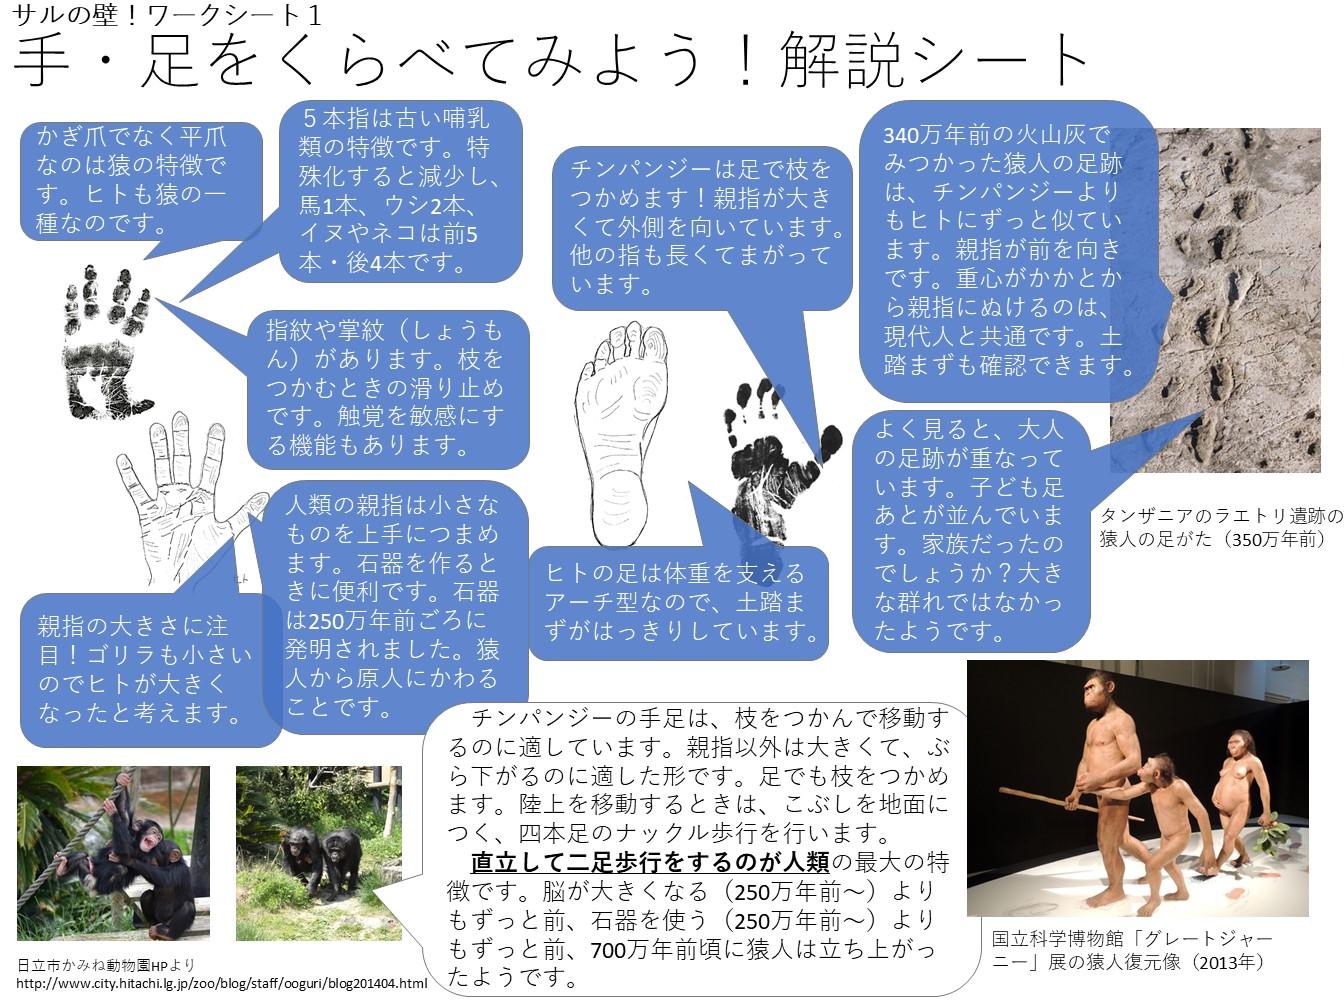 http://c14.um.u-tokyo.ac.jp/wiki/public/kyokasho/wiki.cgi?page=%A5%B5%A5%A4%A5%A8%A5%F3%A5%B9%A5%A2%A5%B4%A5%E92017&file=worksheet1%2Ejpg&action=ATTACH